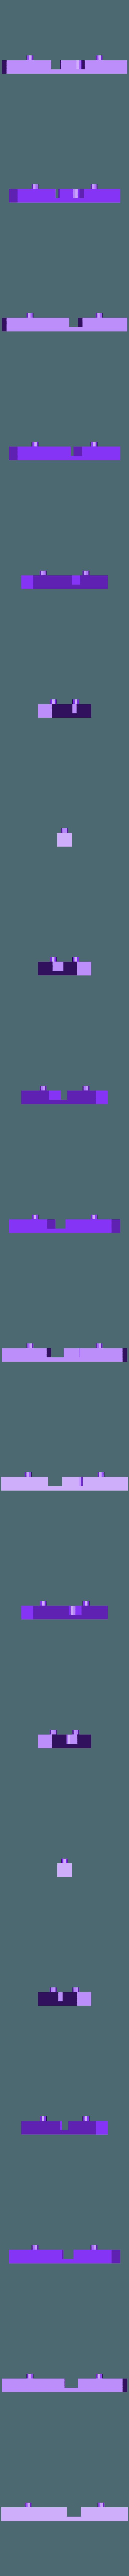 slide1.stl Télécharger fichier STL gratuit Boîte de casse-tête combinée • Modèle à imprimer en 3D, mtairymd